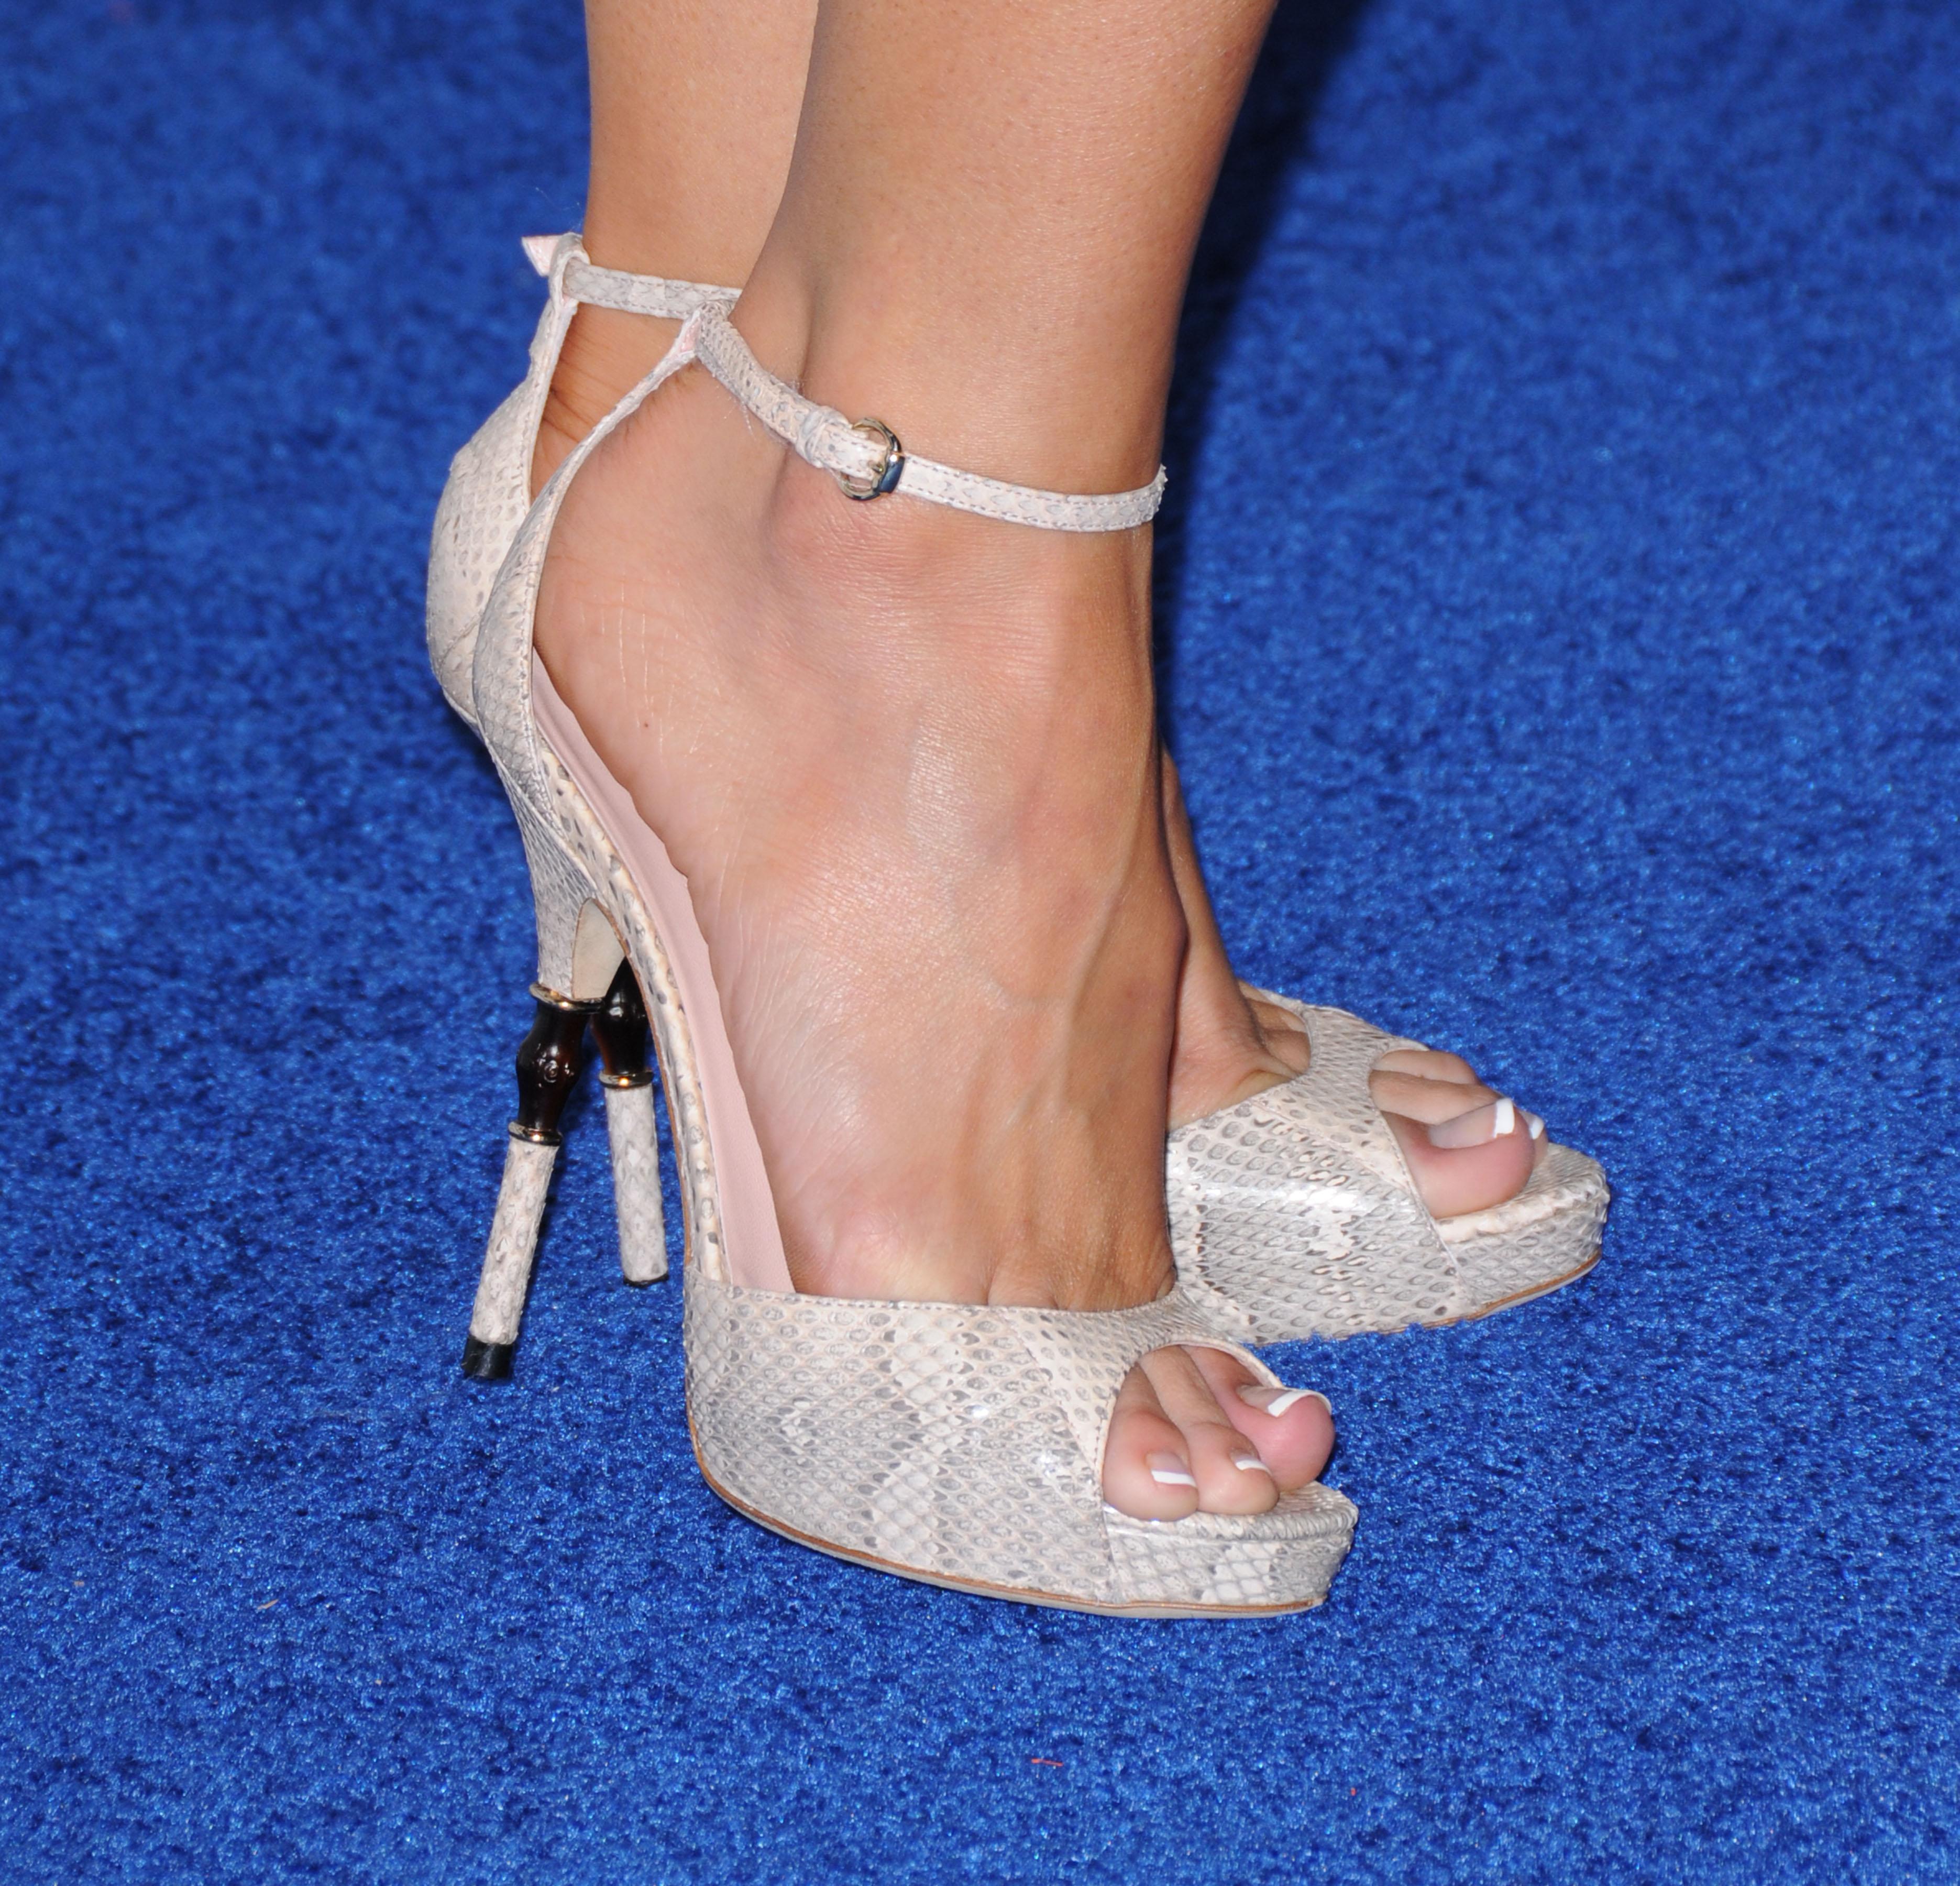 Kelly carlson feet